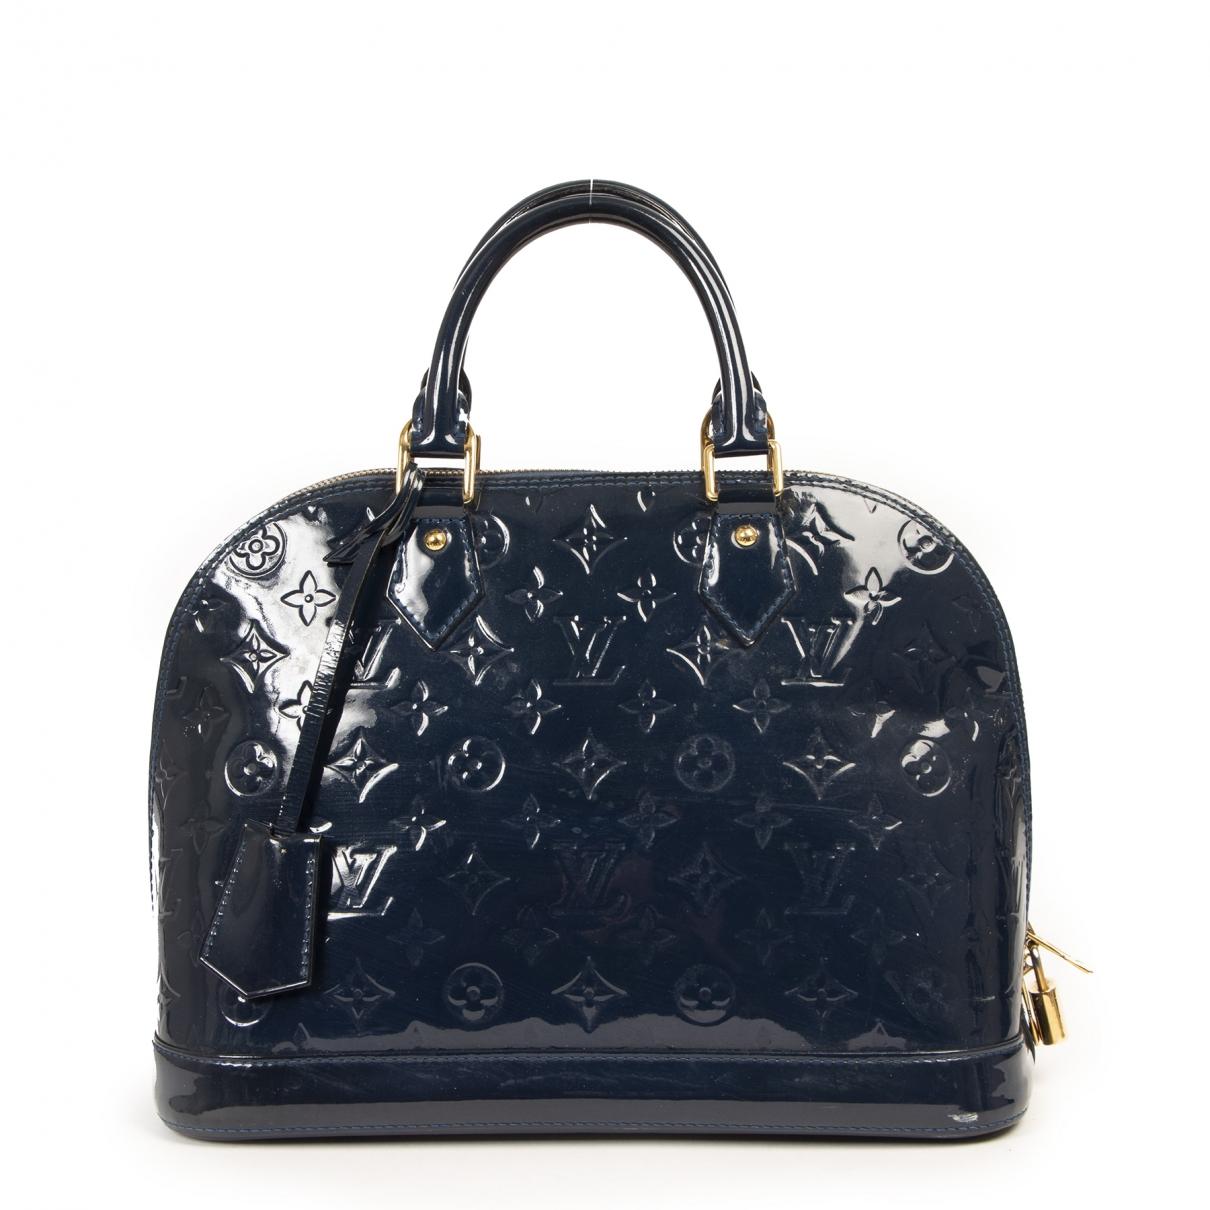 Louis Vuitton - Sac a main Alma pour femme en cuir verni - marine